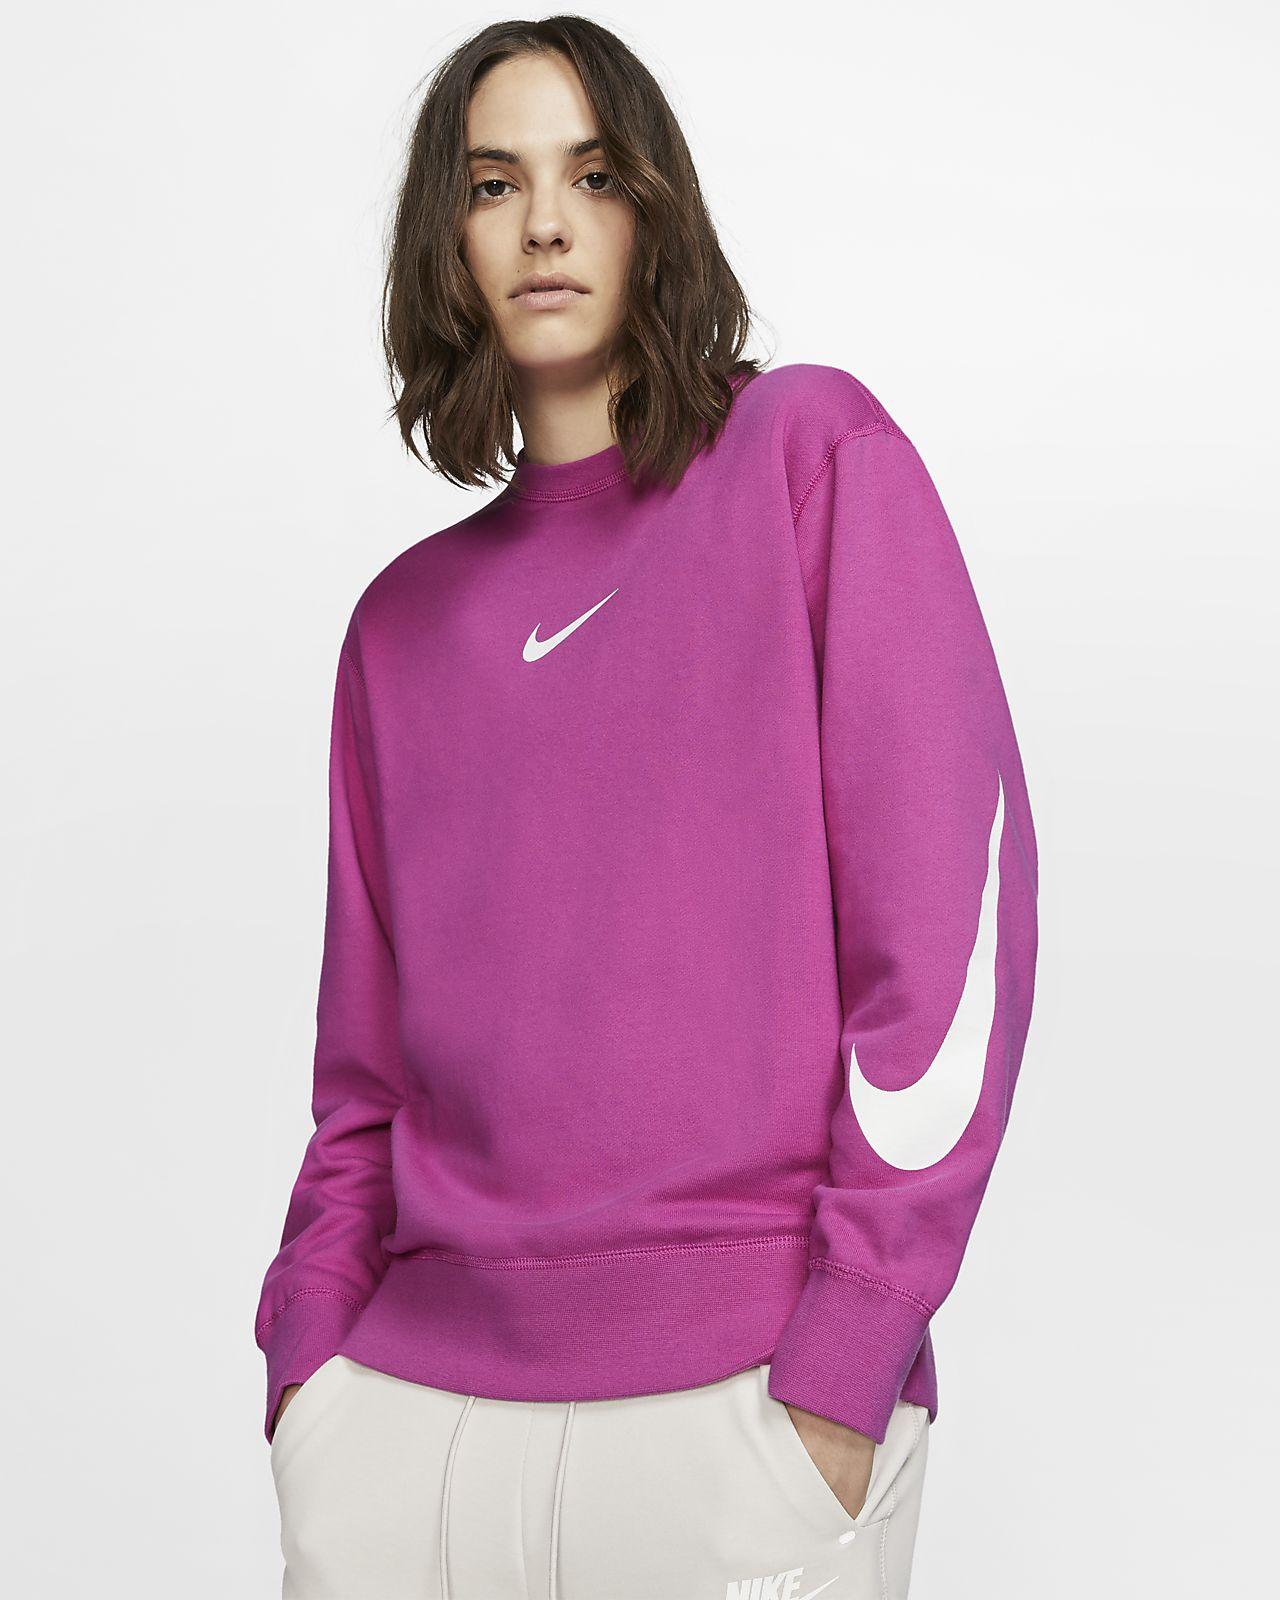 Nike Sportswear Swoosh langärmeliges French-Terry-Rundhalsshirt